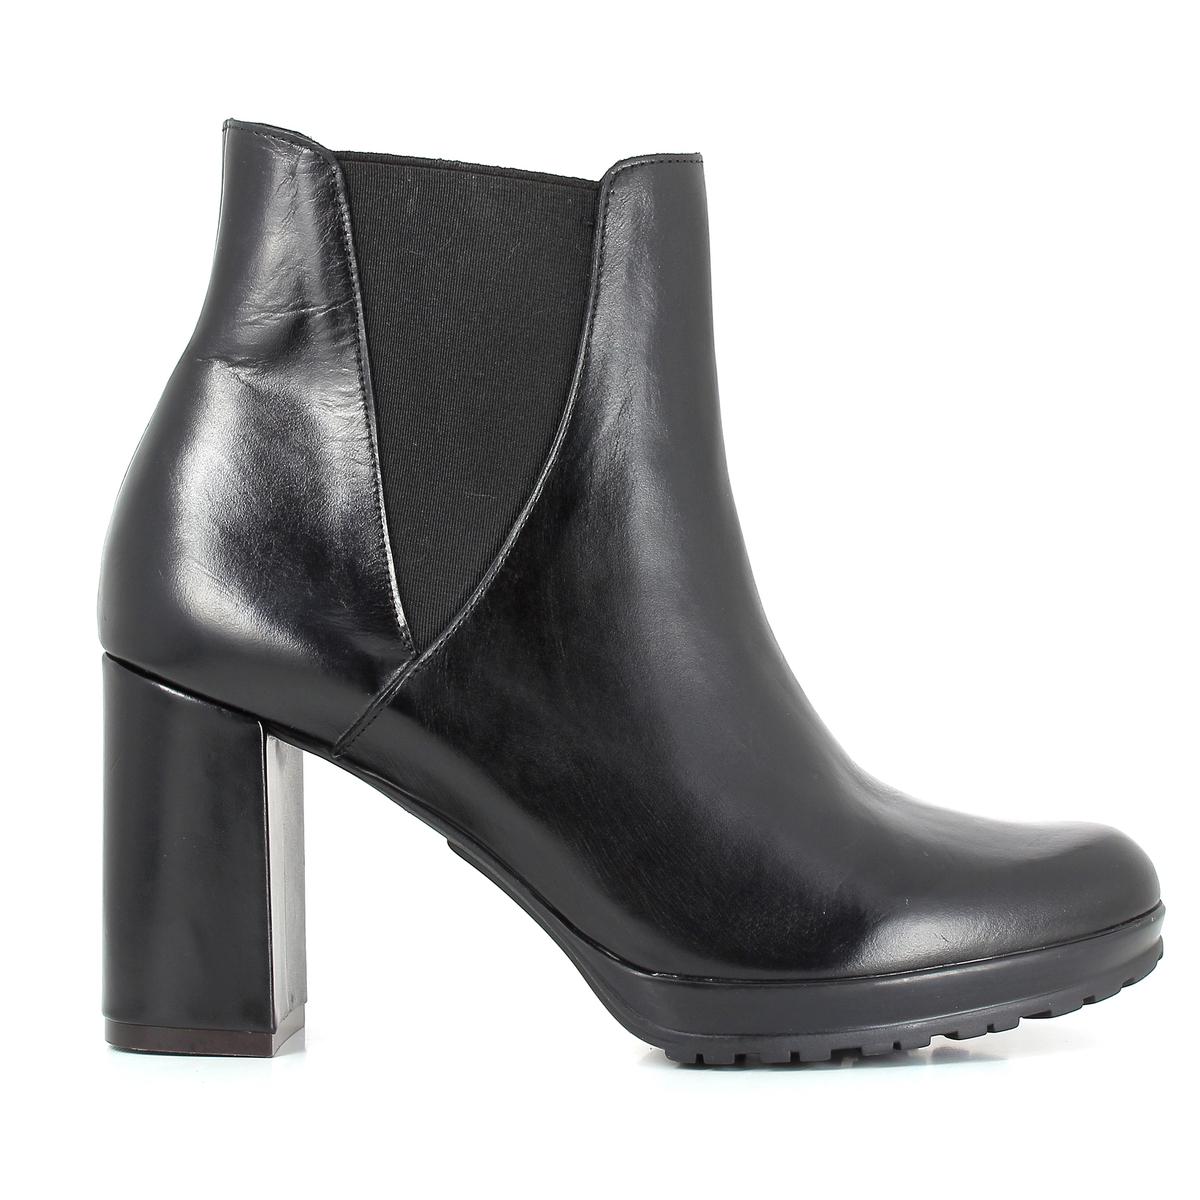 Ботильоны кожаные,  SYNTONYПодкладка: Кожа.Стелька: Кожа.Подошва: Синтетический материал.                            Высота каблука: 8,7 см.Высота голенища: 20 см.Форма каблука: Широкая.Мысок: Круглый.        Застежка: Без застежки.<br><br>Цвет: черный<br>Размер: 39.37